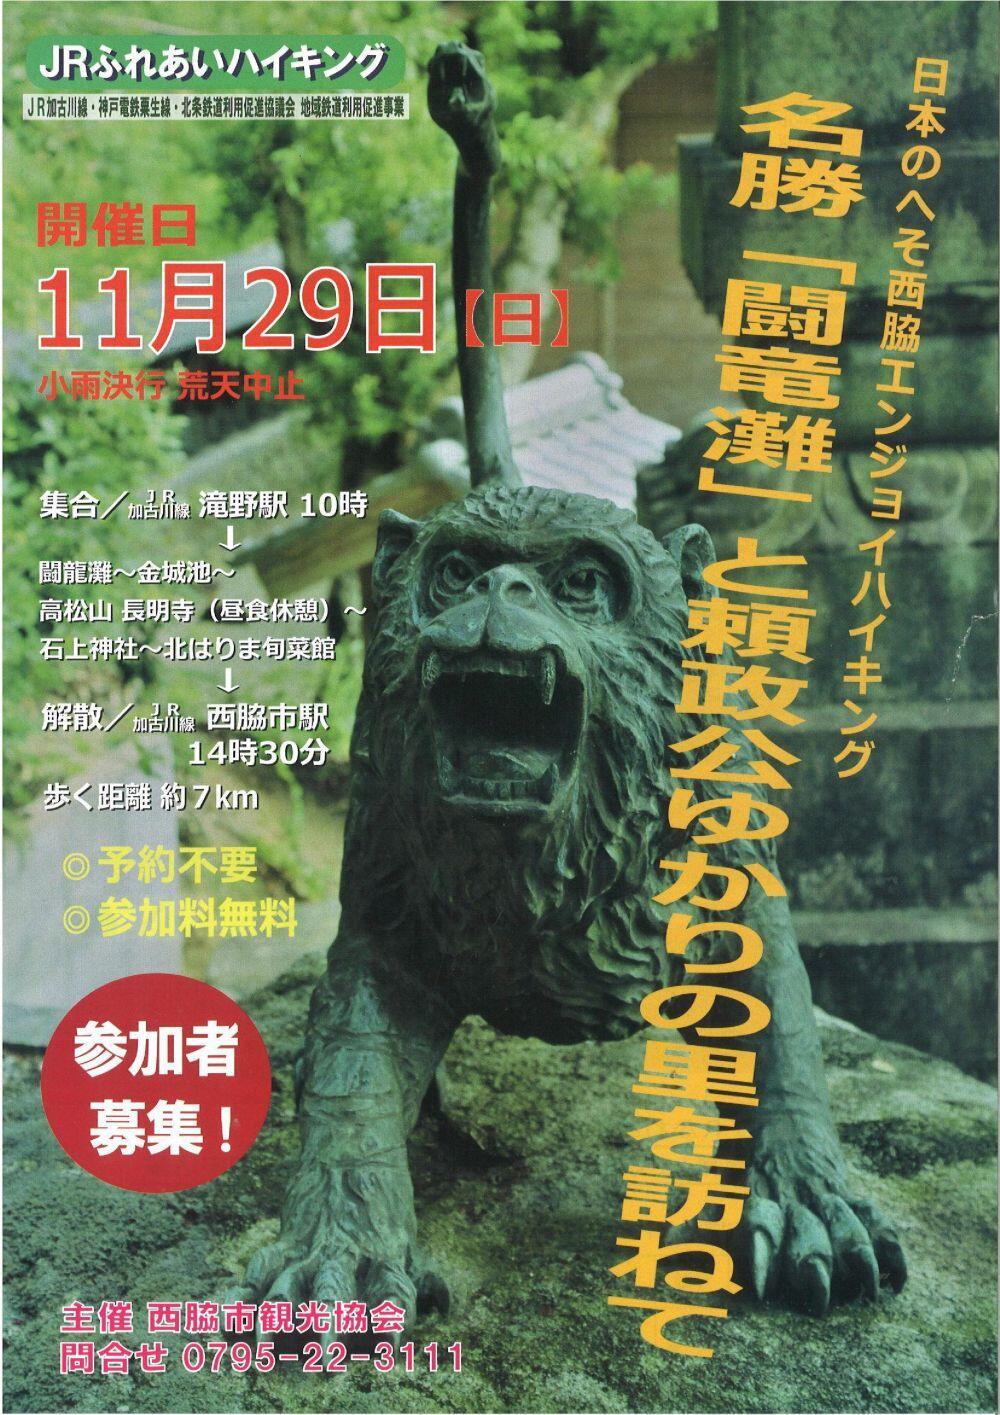 11/29 JRふれあいハイキング〜名勝「闘龍灘」と頼政公ゆかりの里を訪ねて:JR滝野駅